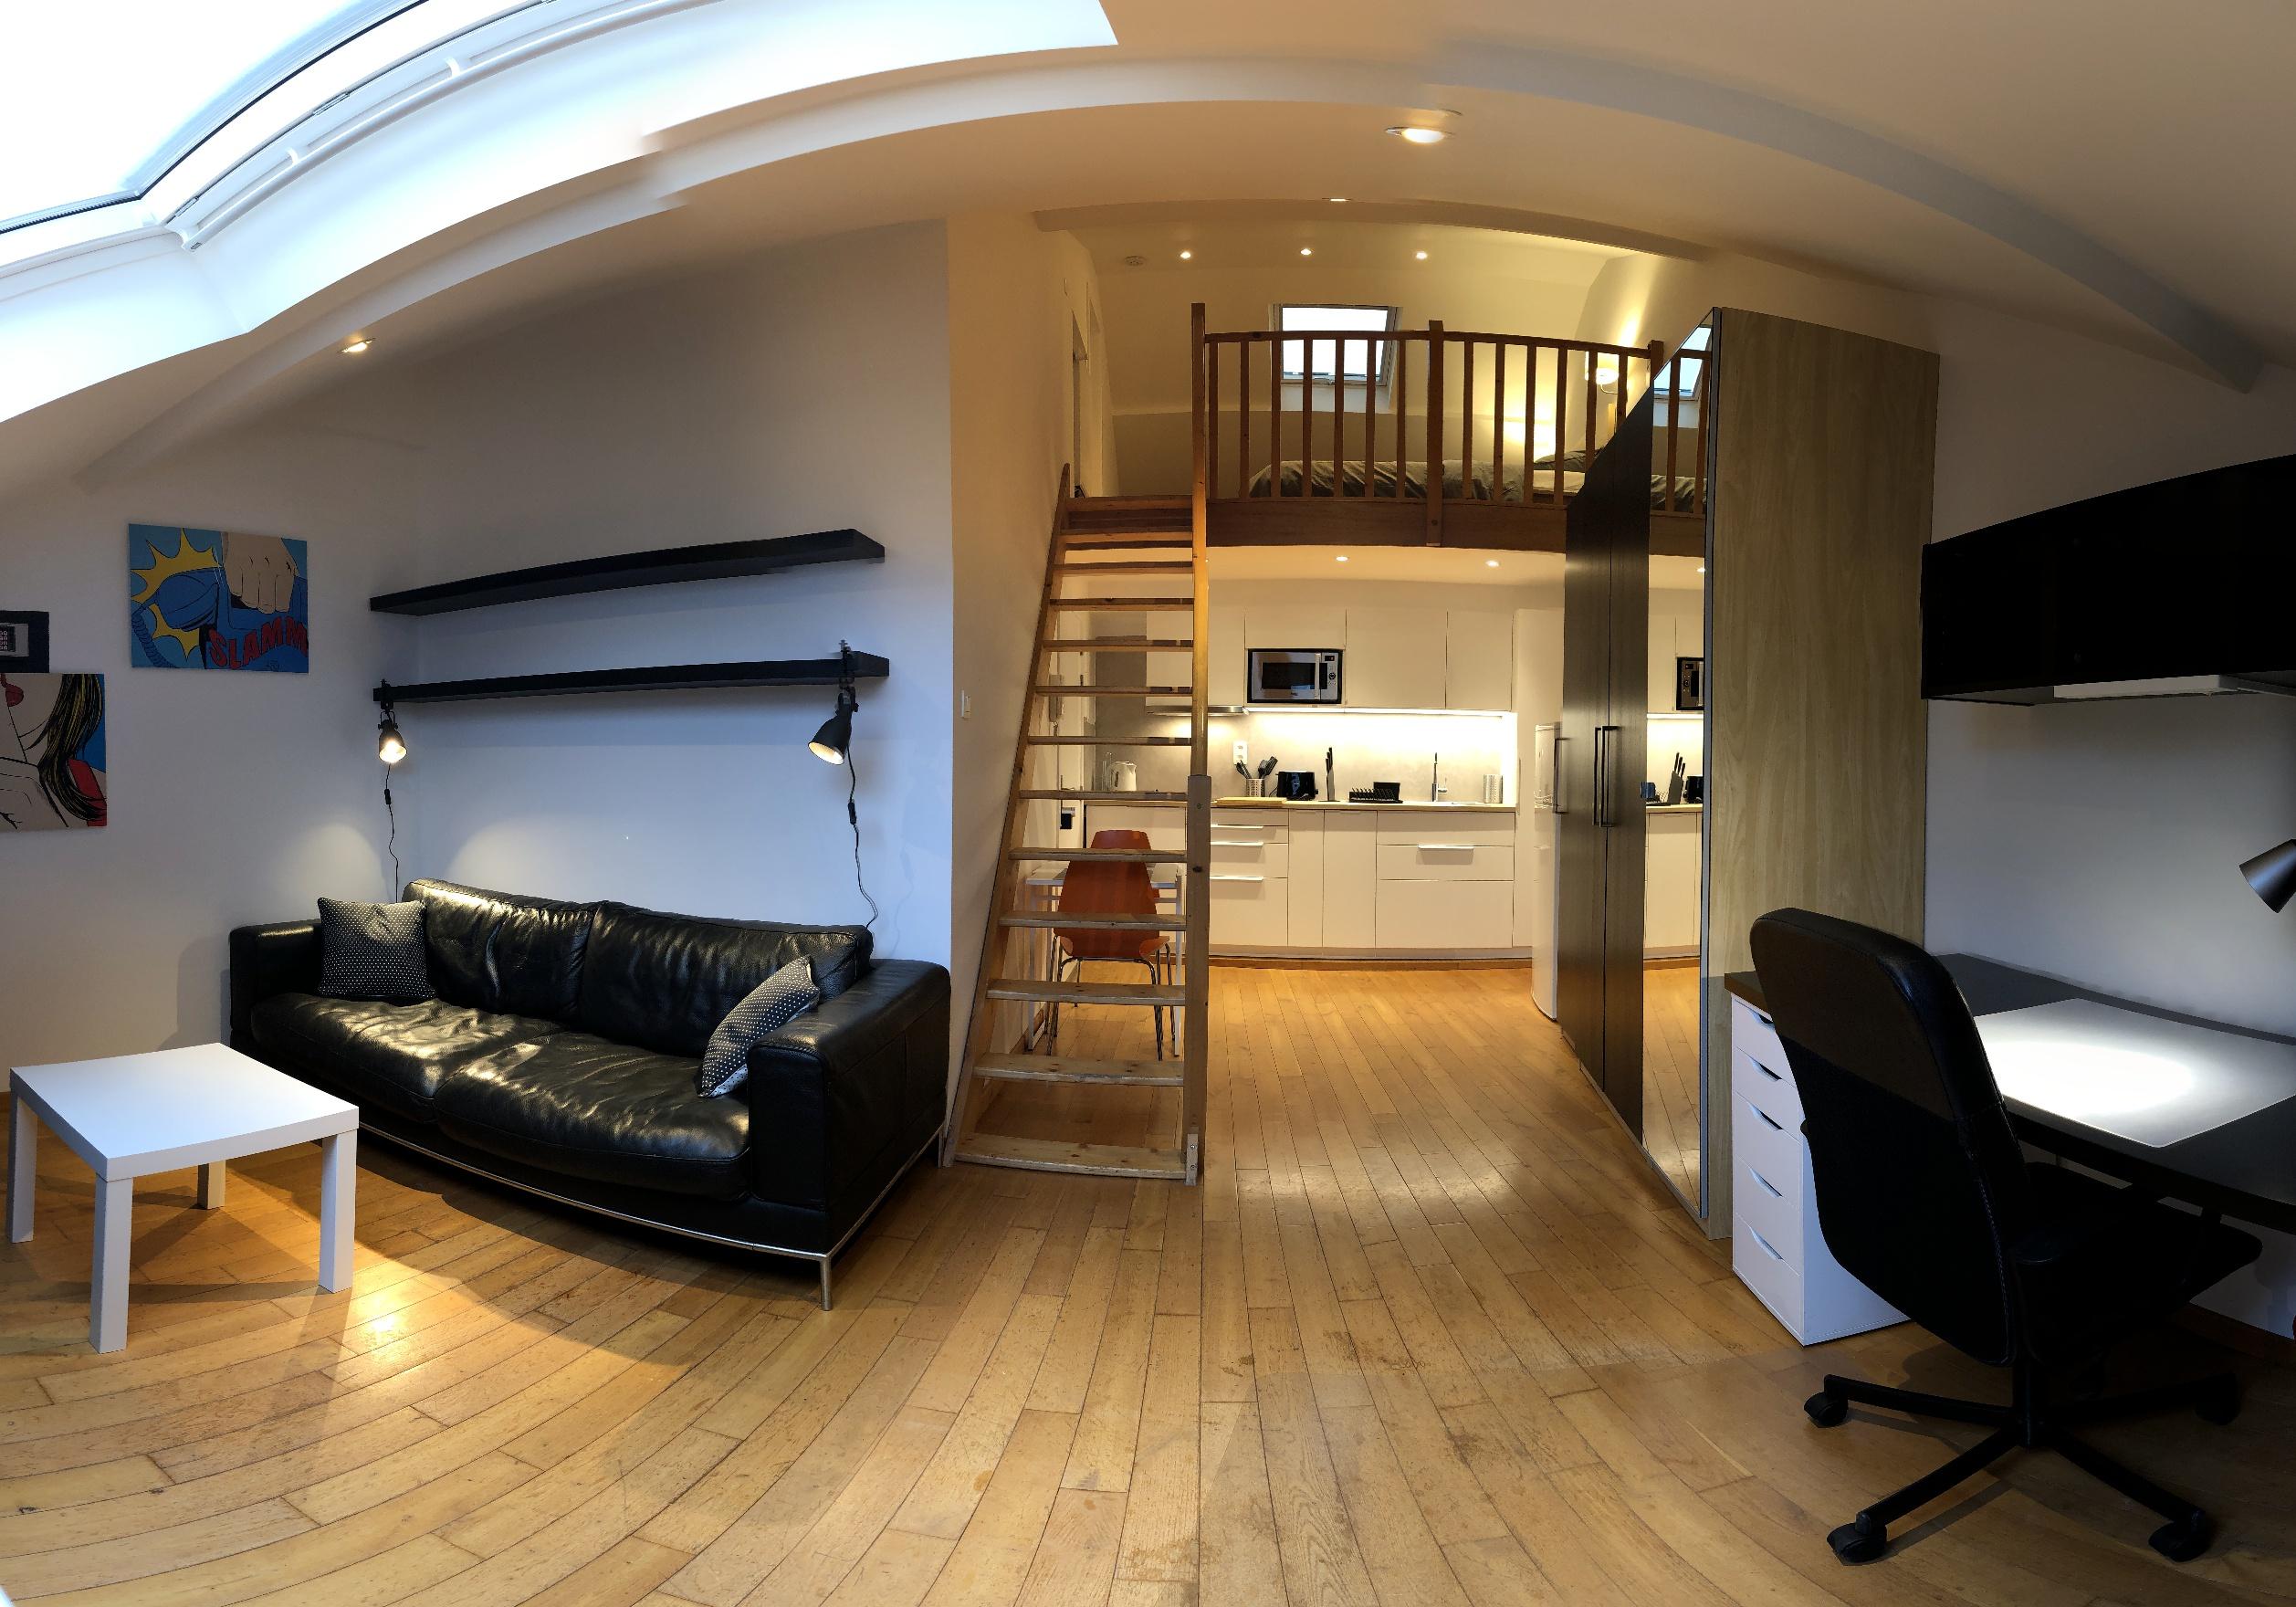 Appartement Meuble Bruxelles Studio Mezzanine Chaussee De Waterloo Quartier Porte De Hal Rent A Flat Brussels